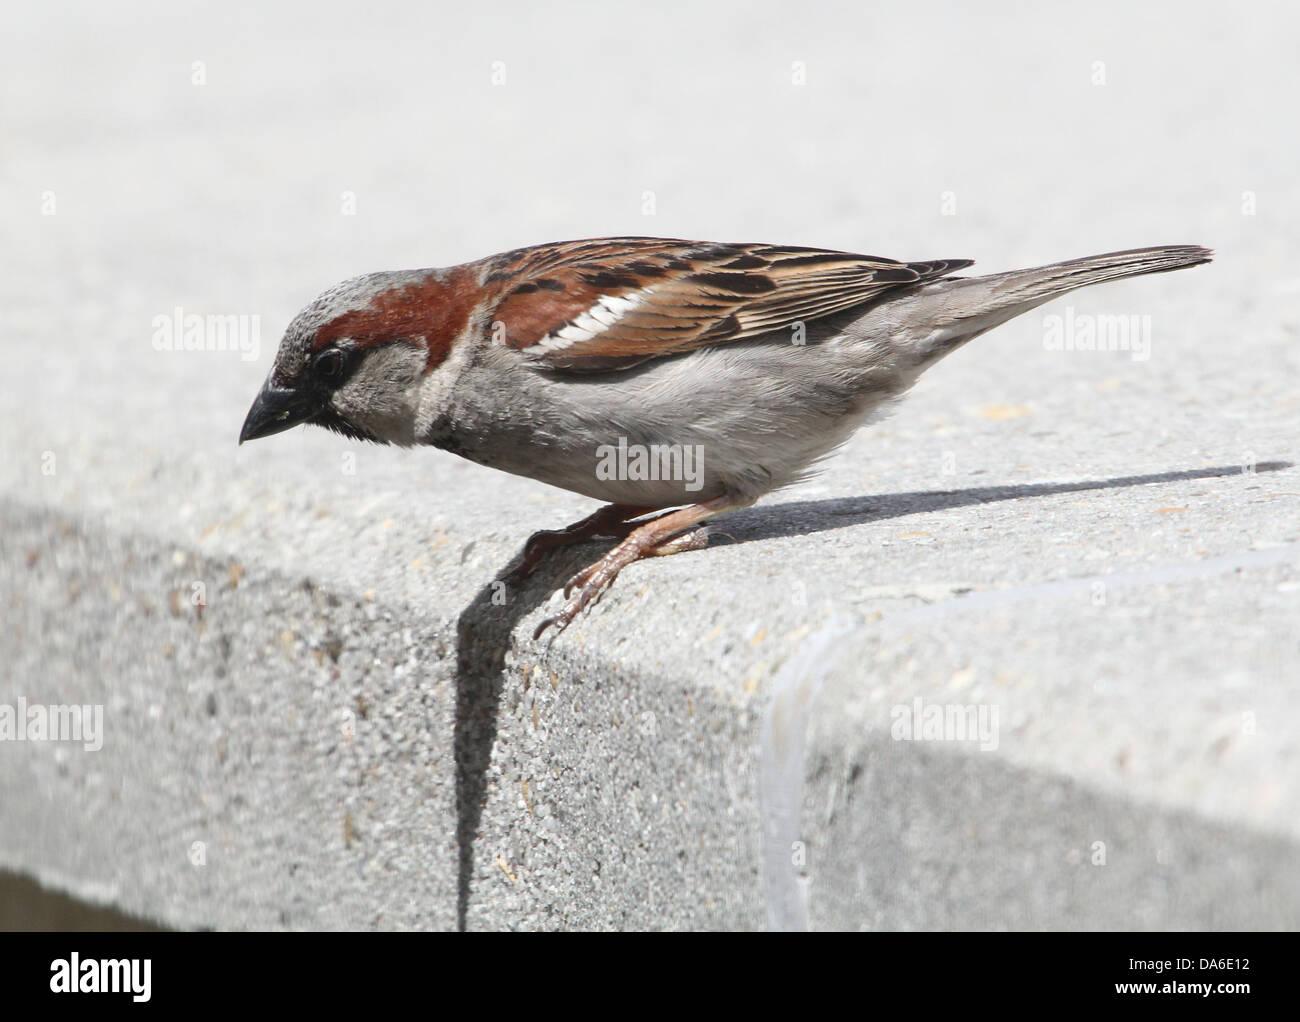 Nahaufnahme von einem männlichen Haussperling (Passer Domesticus) Besuch von meinem Balkon (über 40 Bilder in Serie) Stockfoto